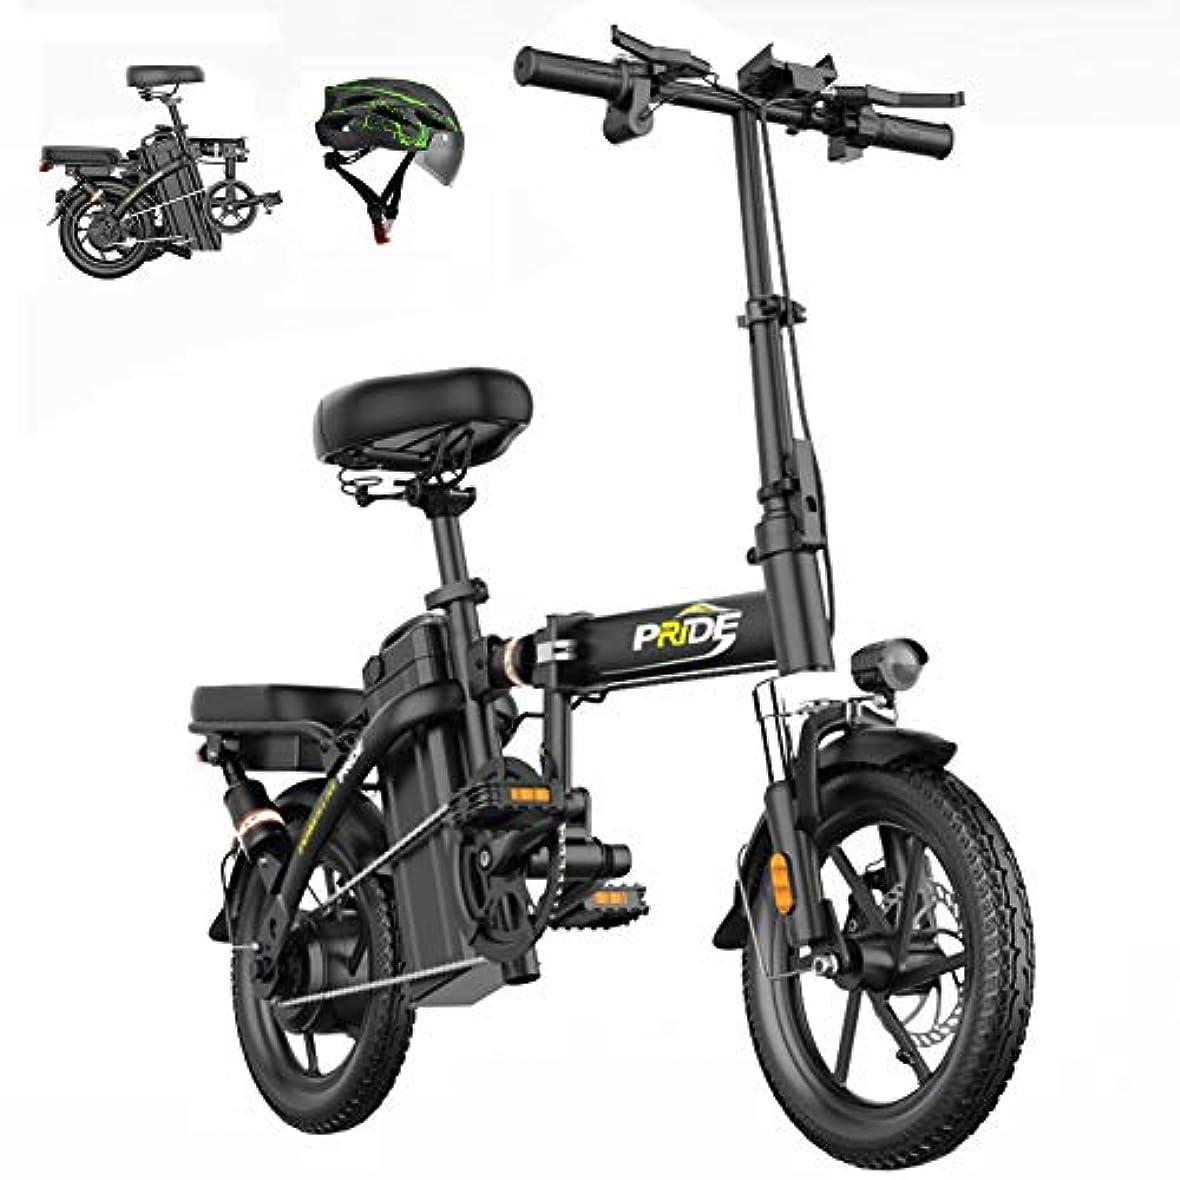 通路大人コスト折りたたみ電動自転車400W / 48Vモーター取り外し可能なリチウムバッテリーUSB充電ポート油圧式デュアルディスクブレーキ14インチ真空防爆タイヤ最高速度35km / h,黒,8ah 40km